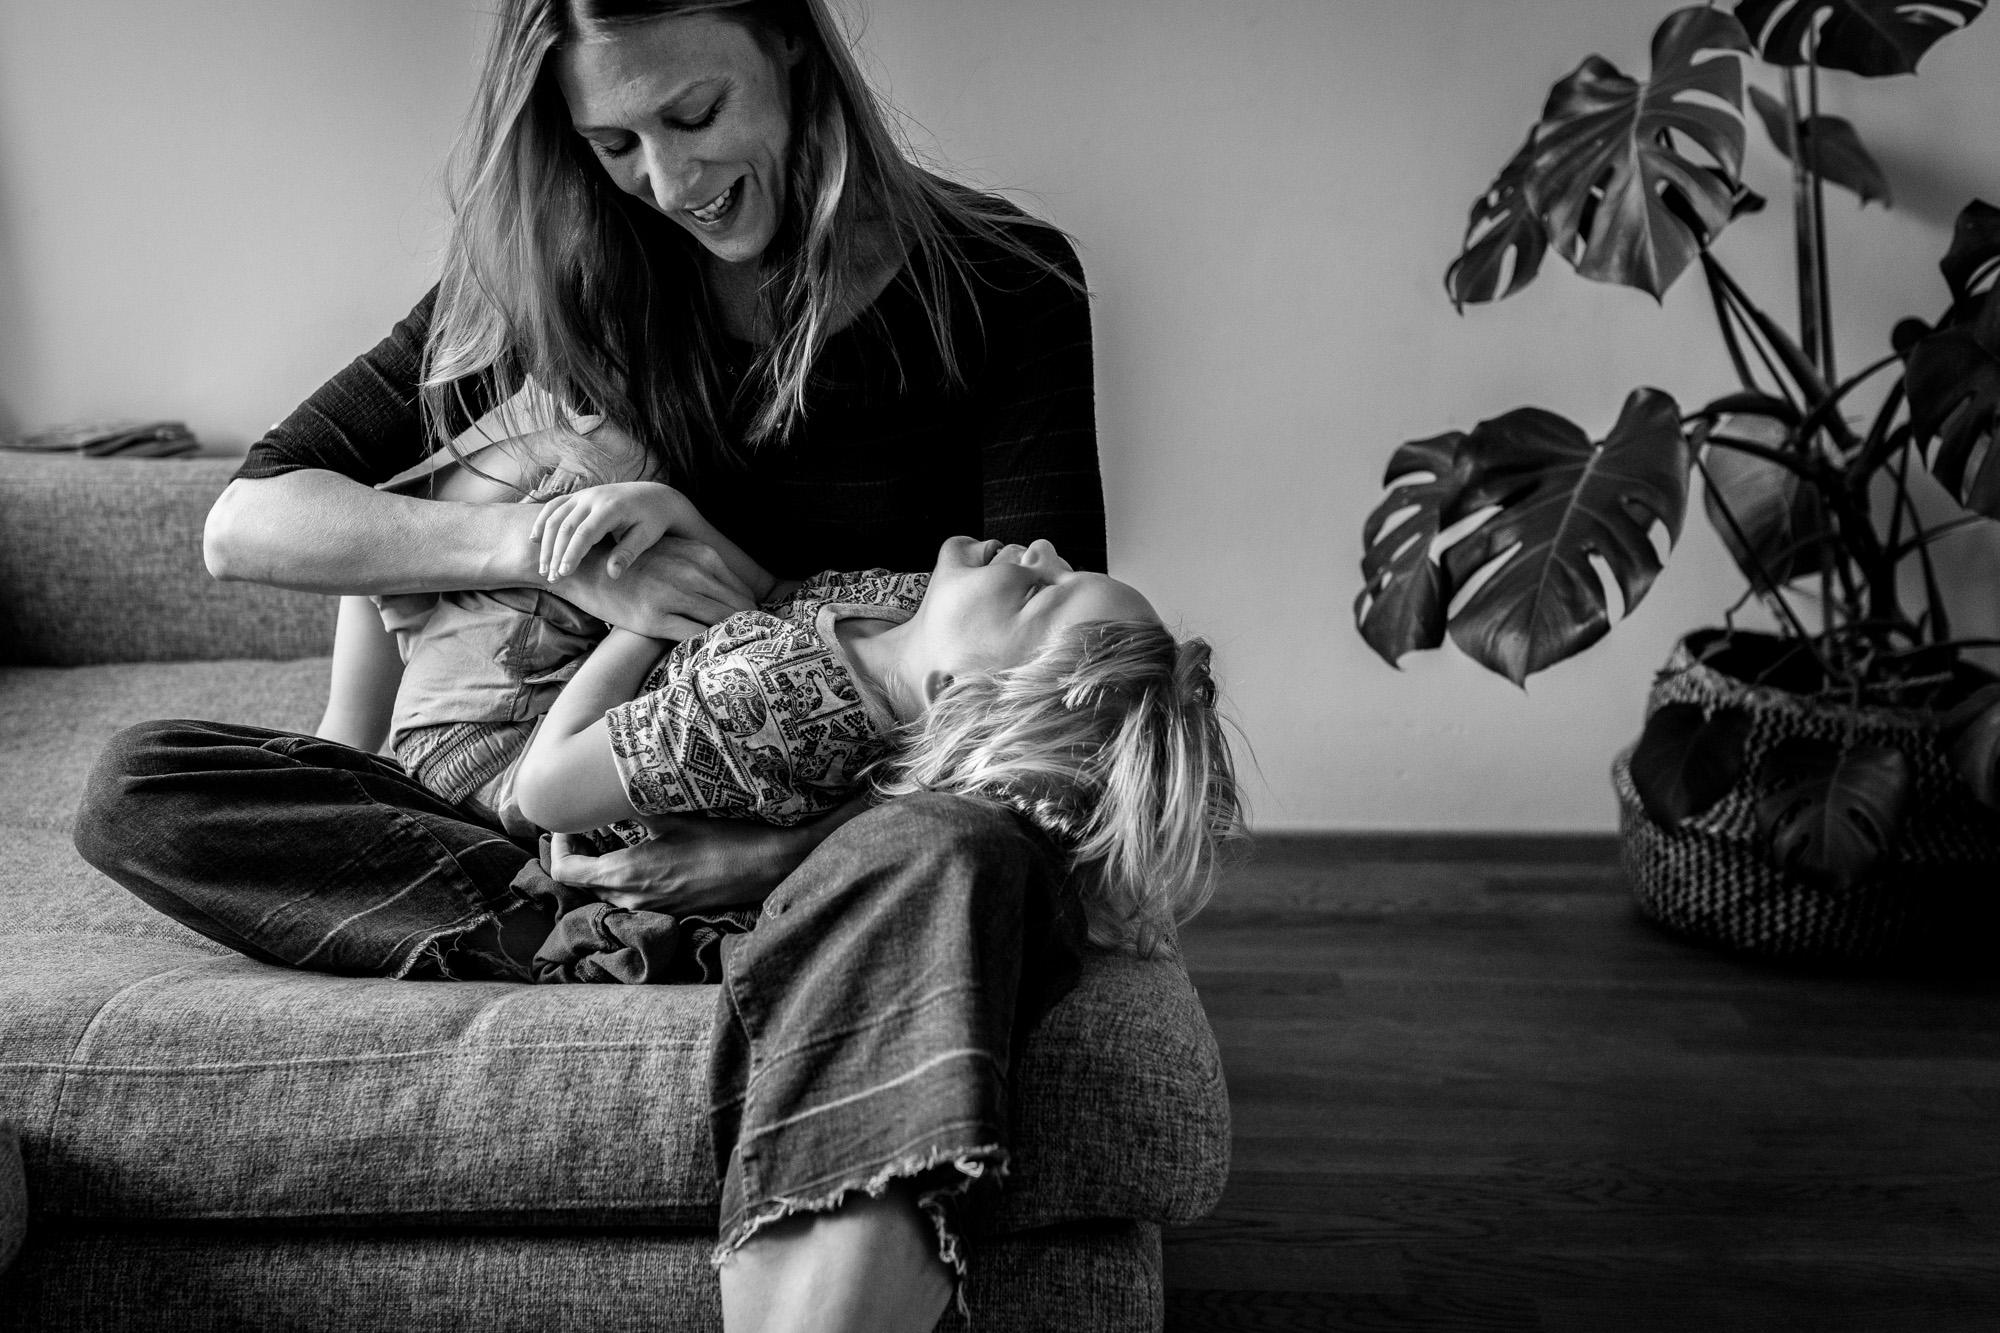 Familienfoto. Mutter kitzelt ihren Sohn, beide lachen.